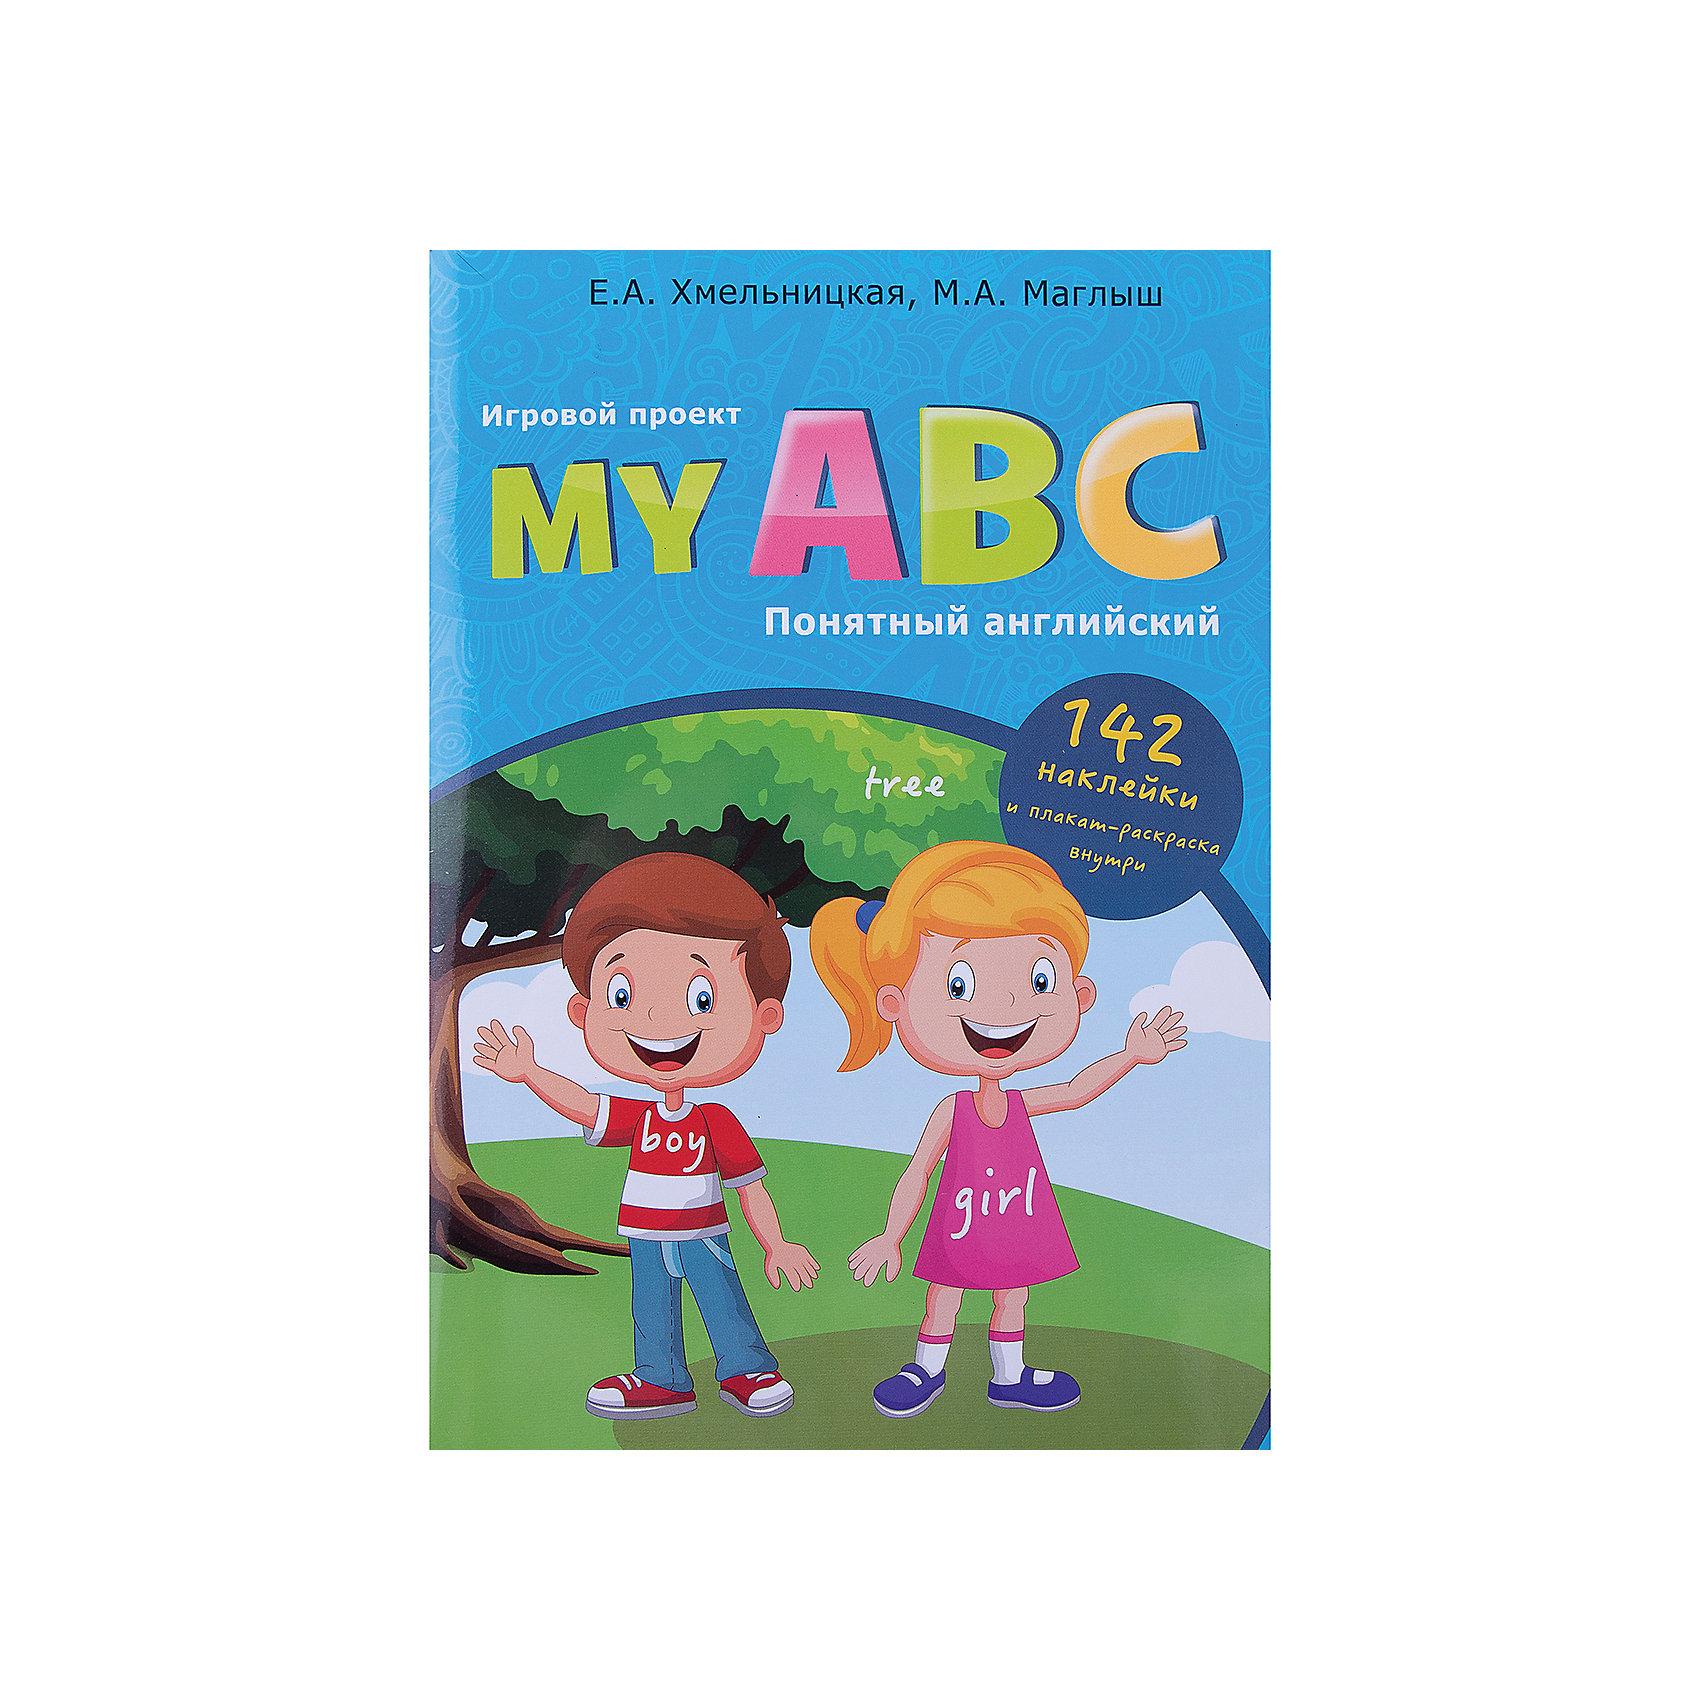 My ABC: понятный английскийФеникс<br>Издание My ABC: понятный английский - это уникальный игровой проект, который адресован  детям дошкольного возраста, а также их заботливым родителям, бабушкам и дедушкам, воспитателям дошкольных учреждений и учителям английского языка. Содержание книги<br>представляет собой универсальную заготовку, которая поможет создать красочный индивидуальный проект по изучению букв английского алфавита под руководством взрослых. Совместная работа над проектом позволит ребёнку узнать, как выглядят буквы и какие звуки они<br>передают, а также в игровой непринуждённой обстановке познакомиться с большим количеством новых английских слов, развивая при этом внимание, память, мышление.<br><br><br>Дополнительная информация:<br><br>- Авторы: М. А. Маглыш, Е. А. Хмельницкая.<br>- Художник: Ю. В. Кочергина.<br>- Обложка: мягкая.<br>- Иллюстрации: черно-белые + наклейки.<br>- Объем: 68 стр.<br>- Размер: 28 x 0,5 x 19,9 см.<br>- Вес: 0,256 кг.<br><br>Книгу My ABC: понятный английский, Феникс-Премьер, можно купить в нашем интернет-магазине.<br><br>Ширина мм: 280<br>Глубина мм: 200<br>Высота мм: 5<br>Вес г: 1020<br>Возраст от месяцев: 36<br>Возраст до месяцев: 96<br>Пол: Унисекс<br>Возраст: Детский<br>SKU: 4771356